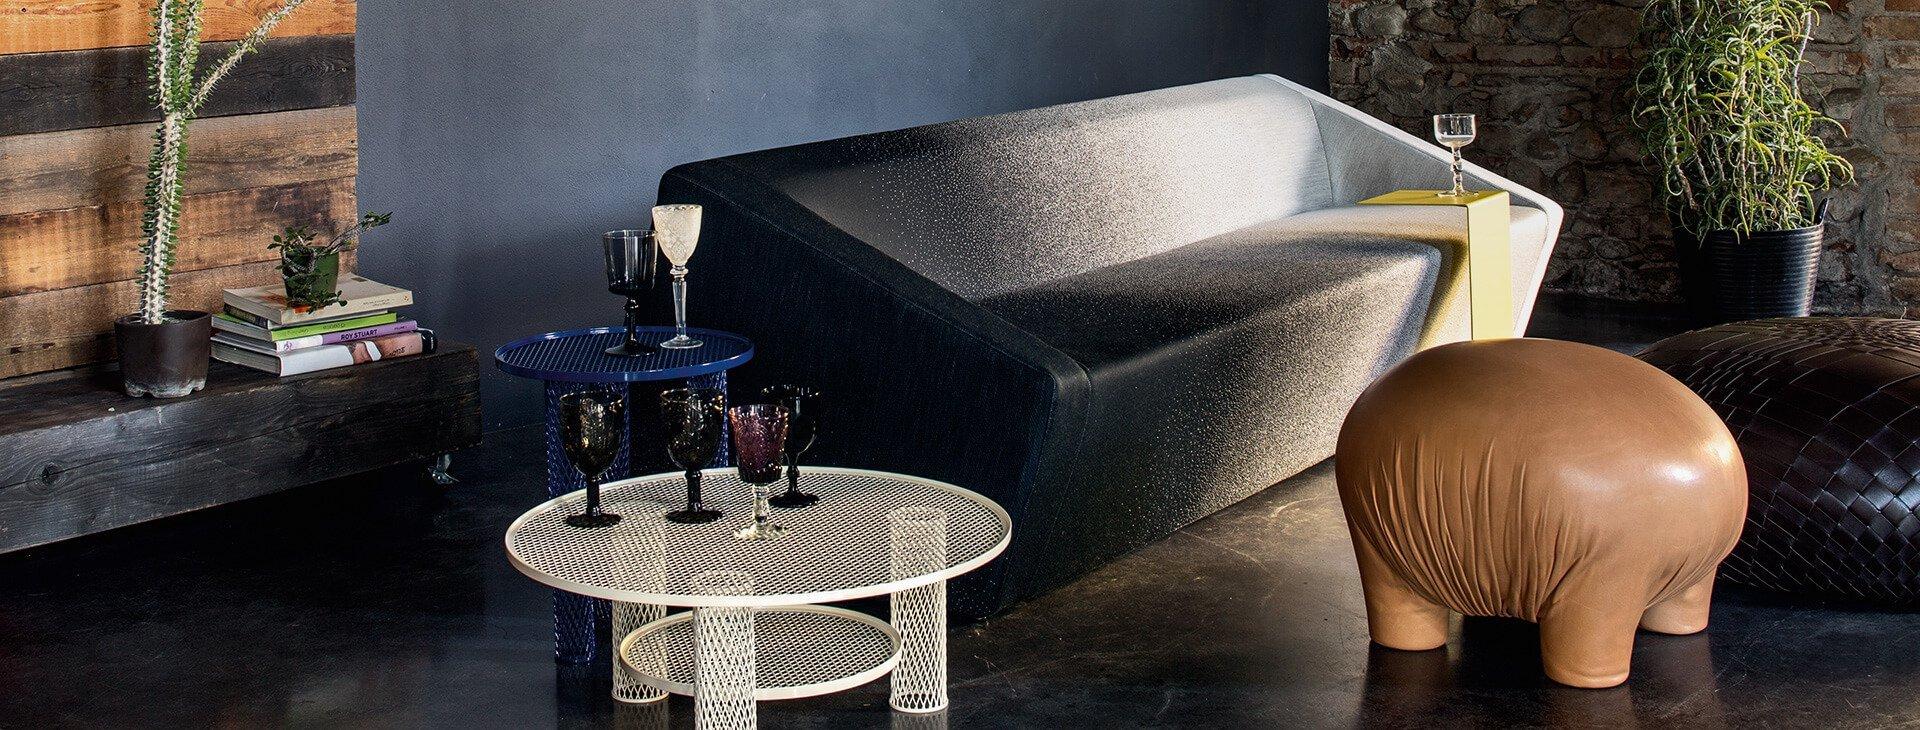 Moroso ihre brands im stilwerk berlin for Italienische polstergarnituren